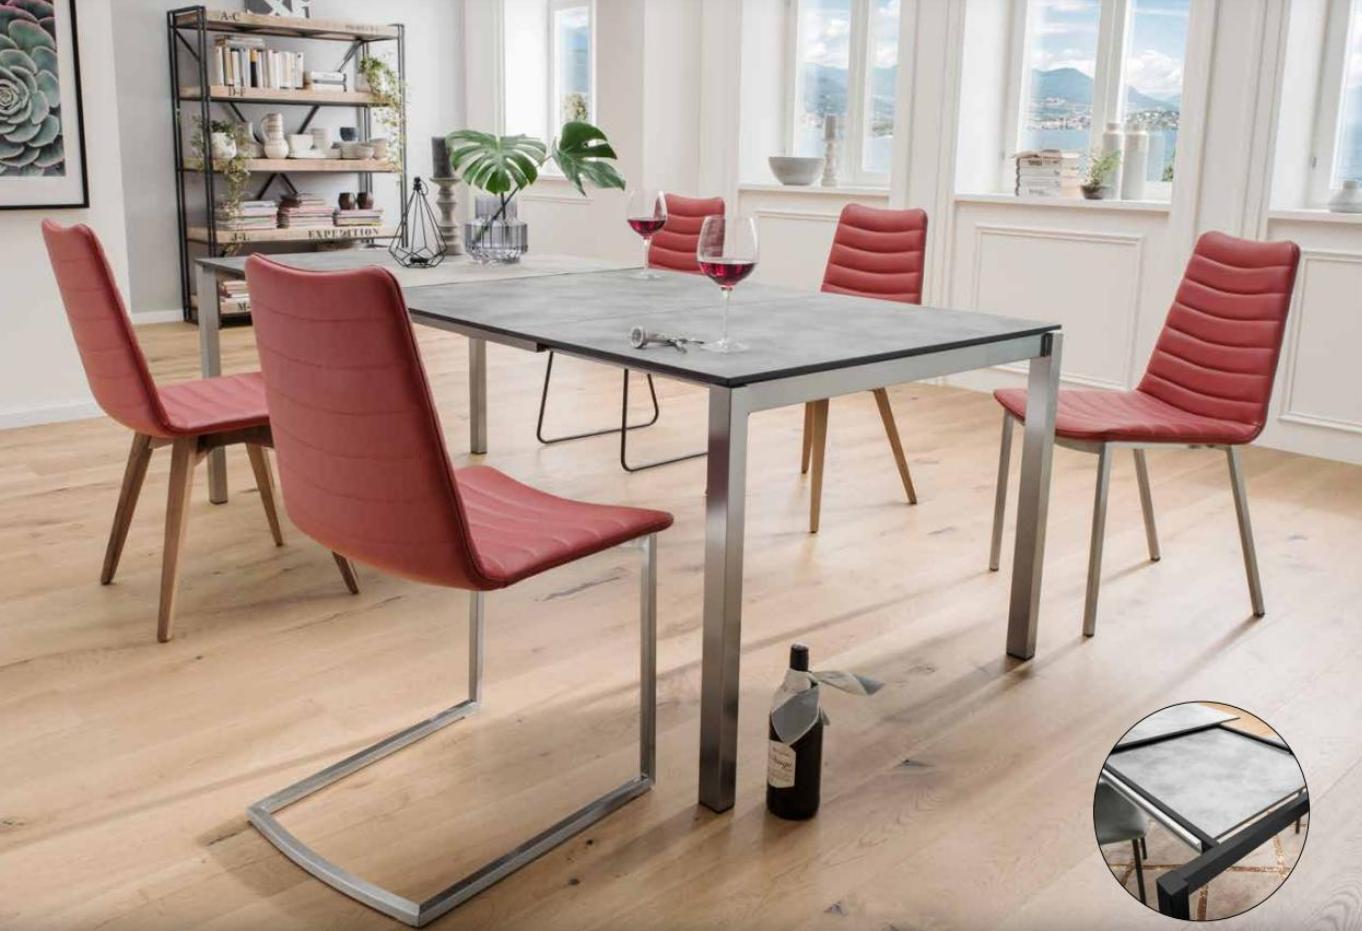 Ein Esszimmer mit roten Stühlen und einer Flasche auf dem Boden